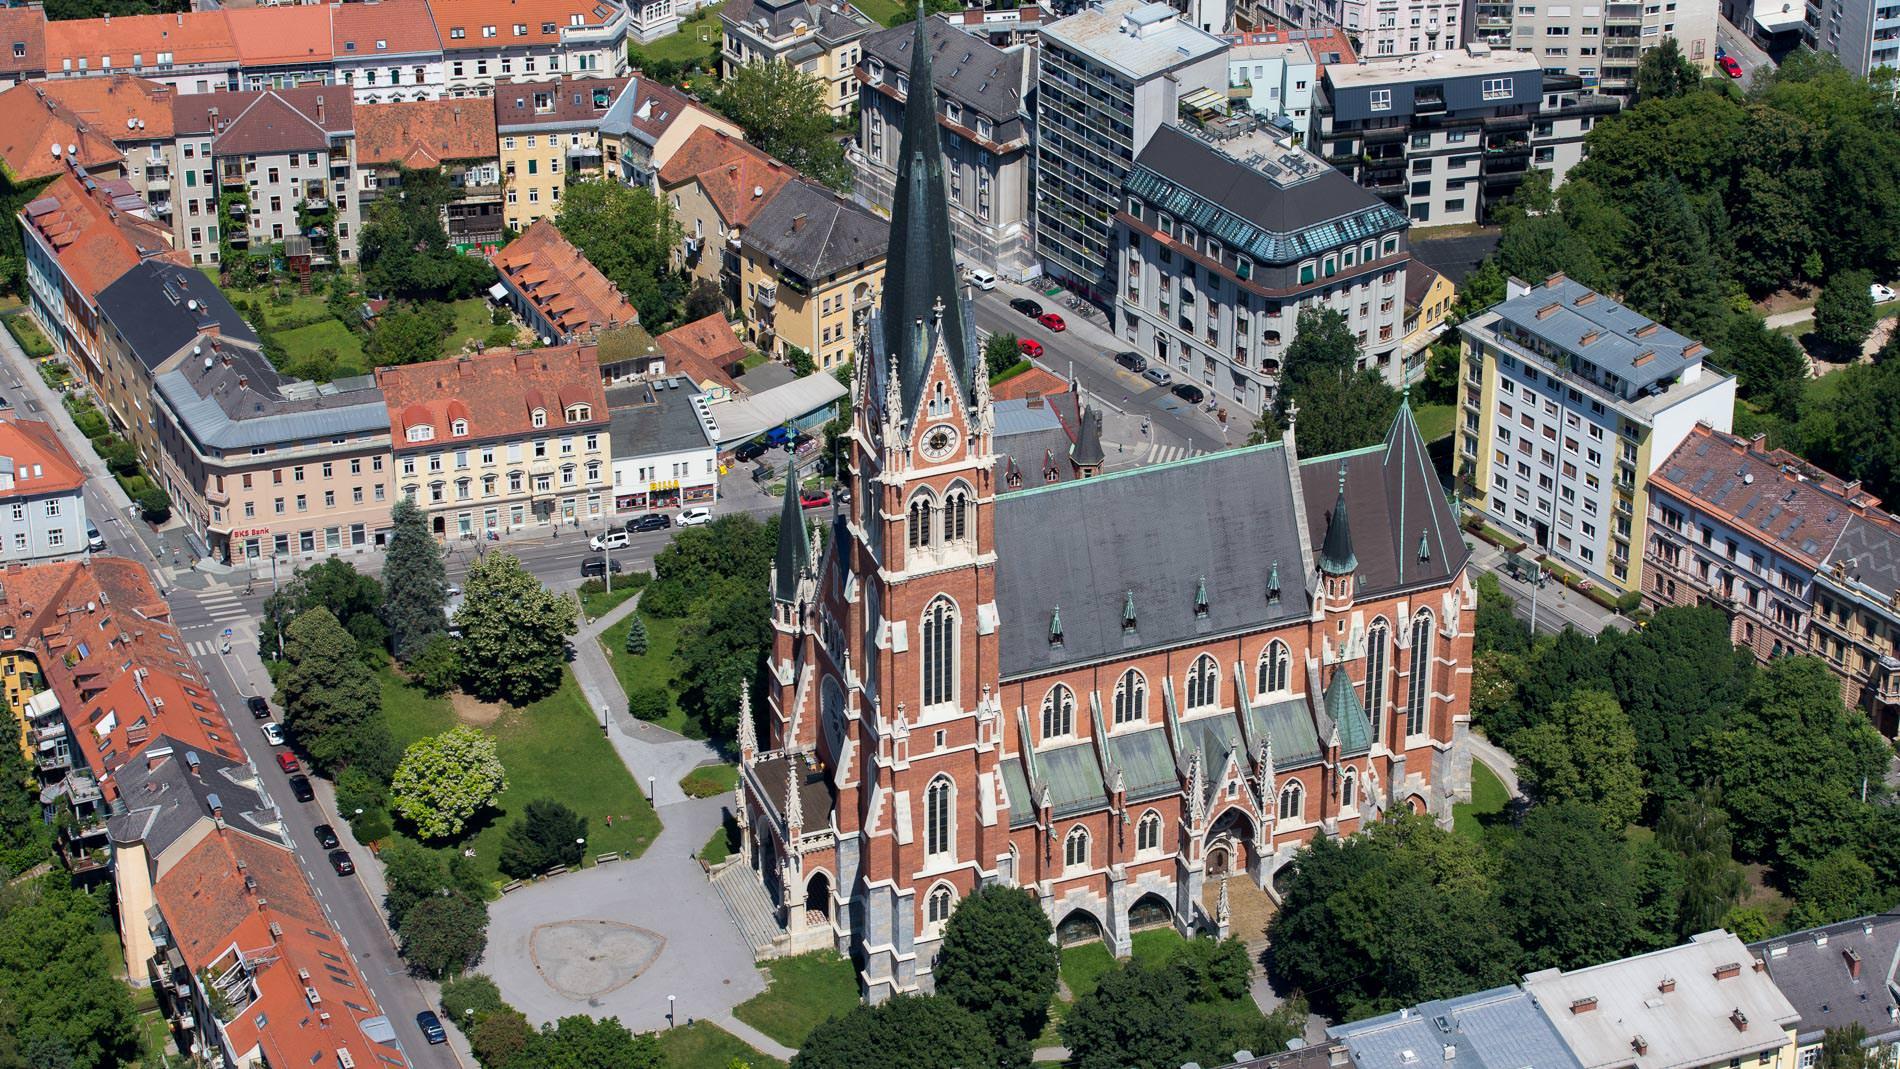 Herz-Jesu-Kirche (c) Graz Tourismus - Harry Schiffer (1)